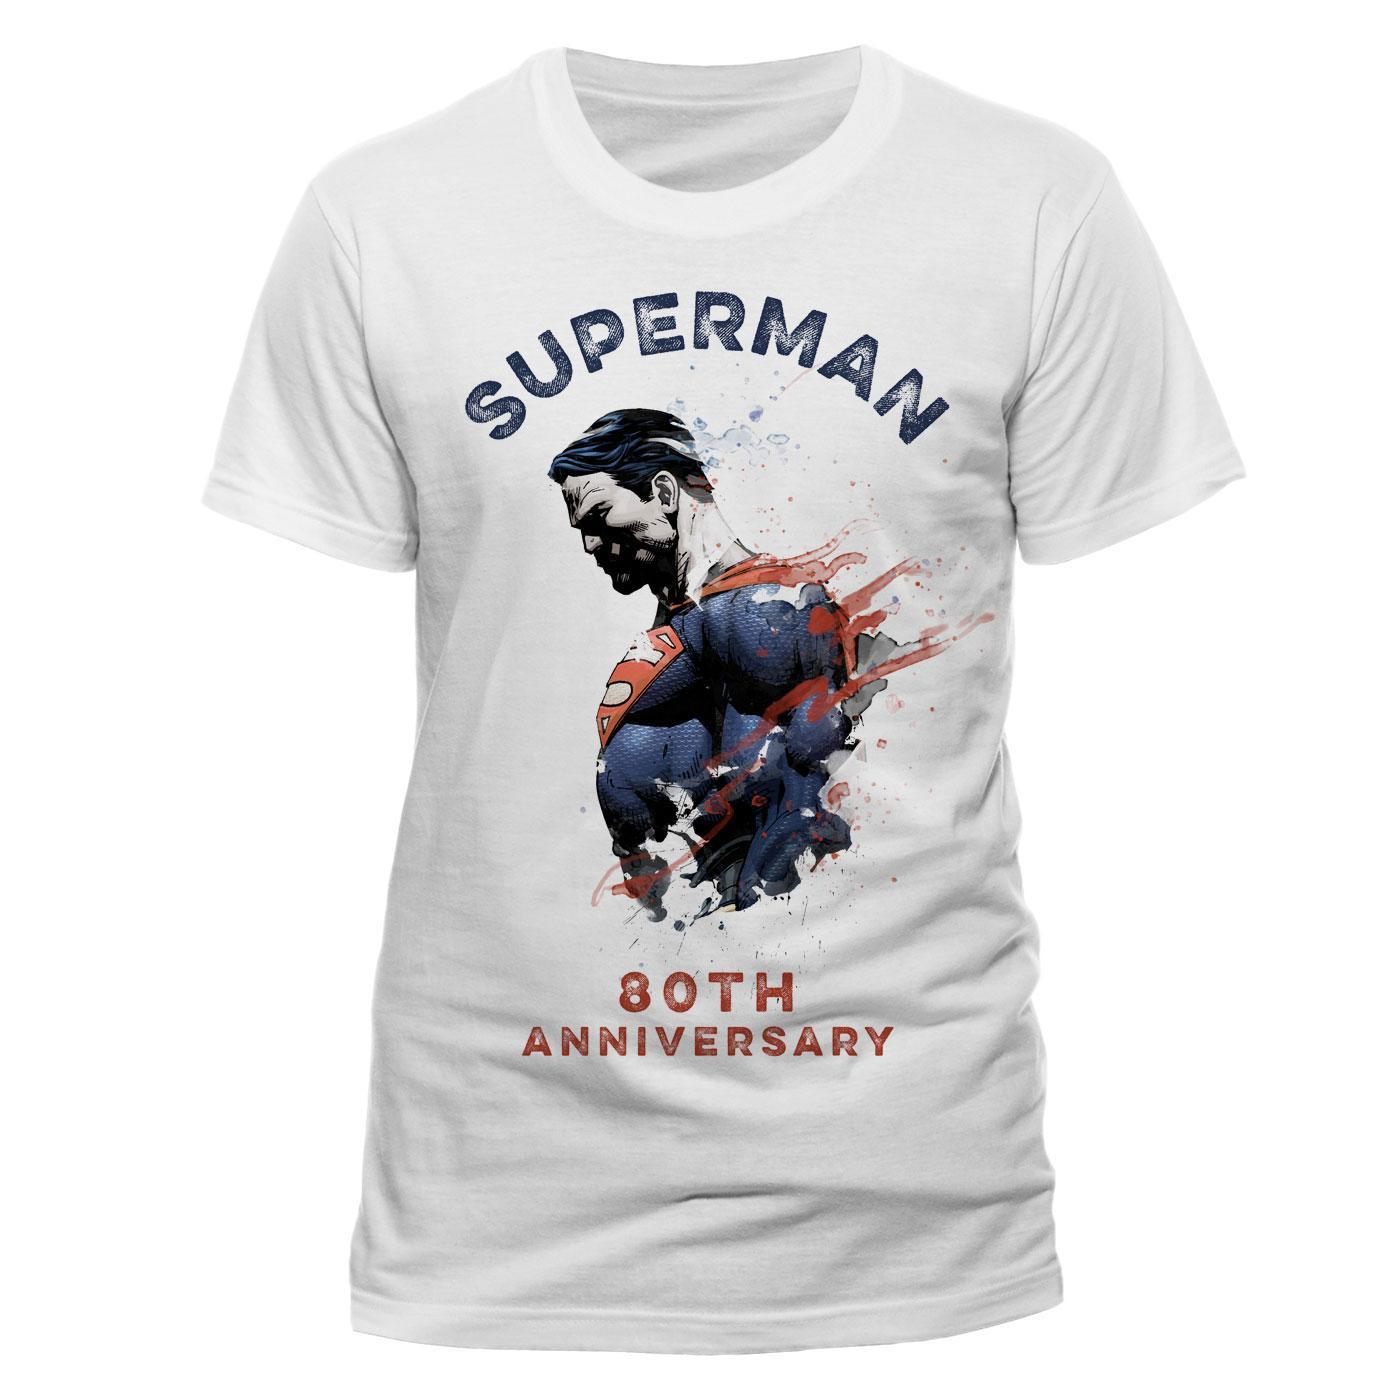 Superman T-Shirt 80th Anniversary Size L